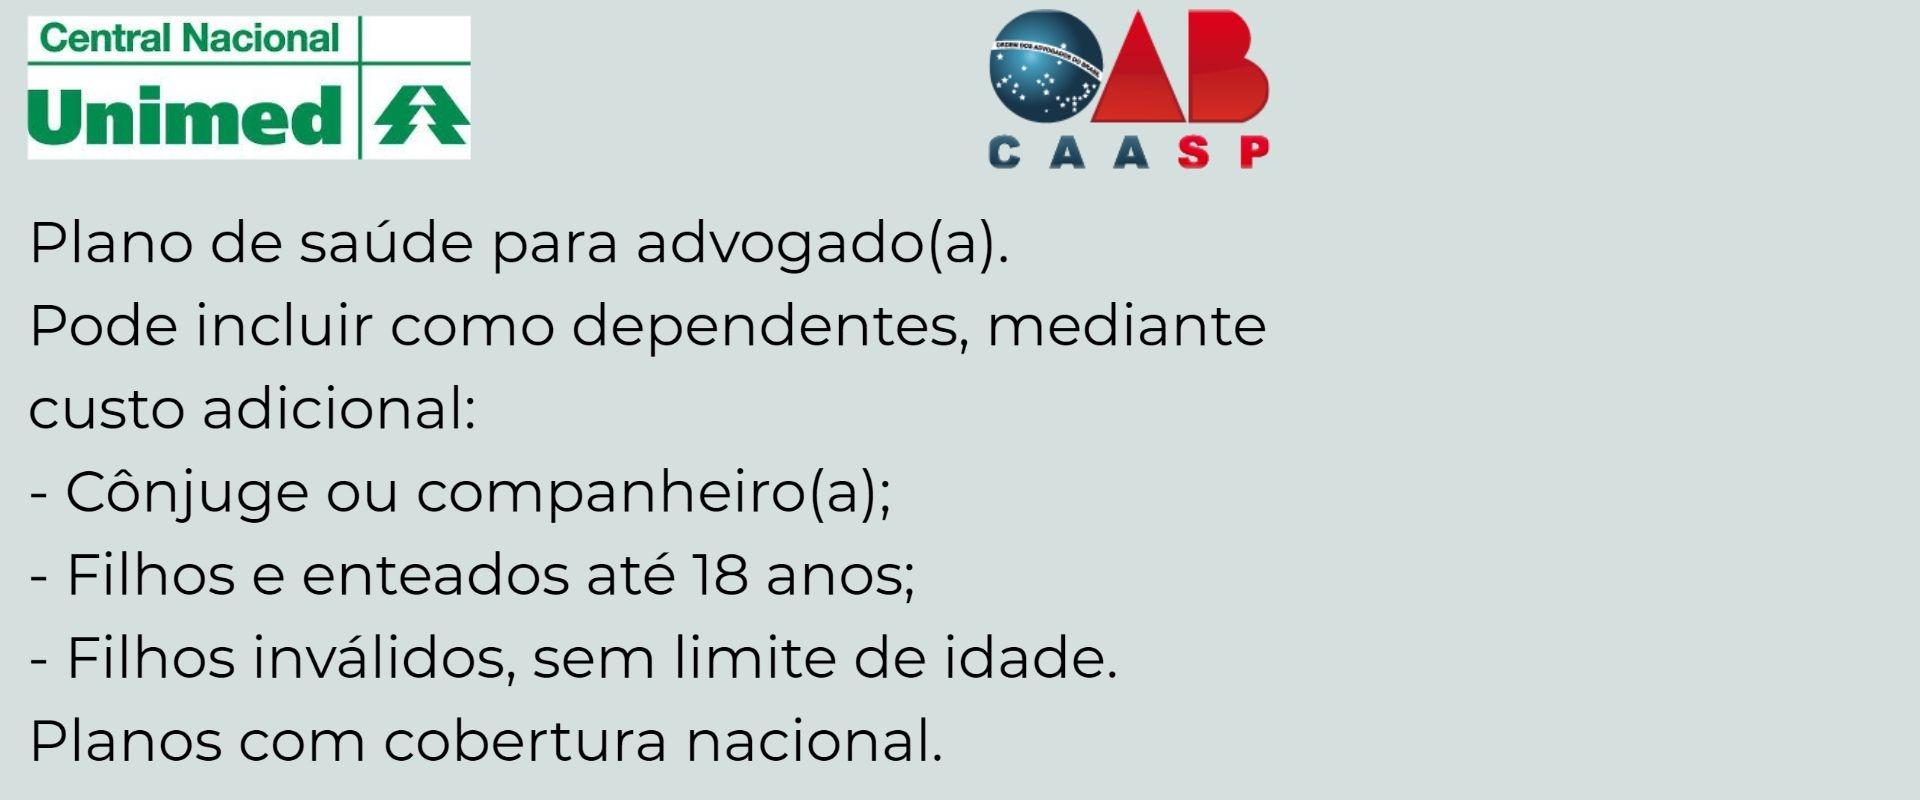 Unimed CAASP Jaú